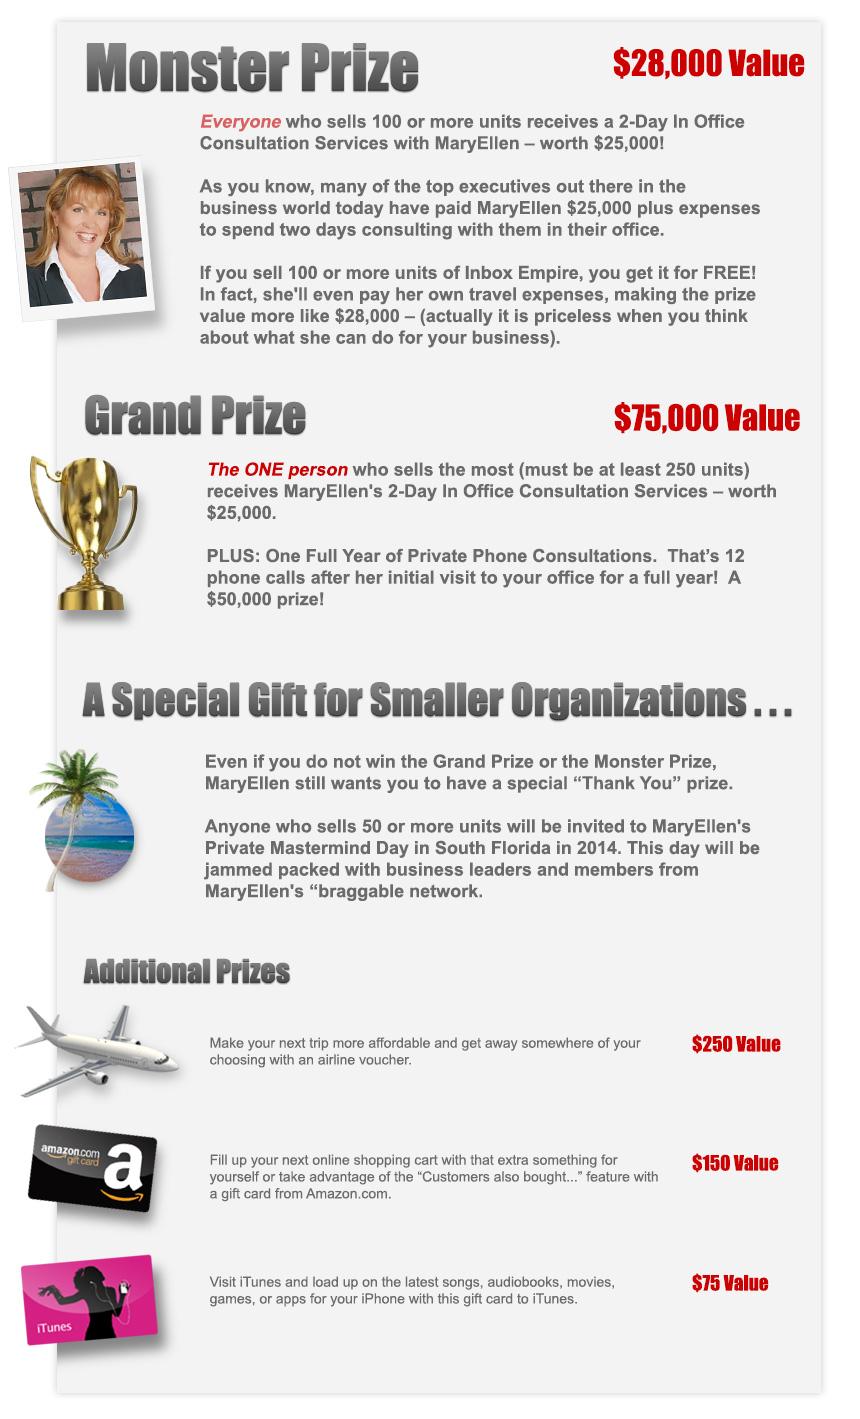 Prize Descriptions